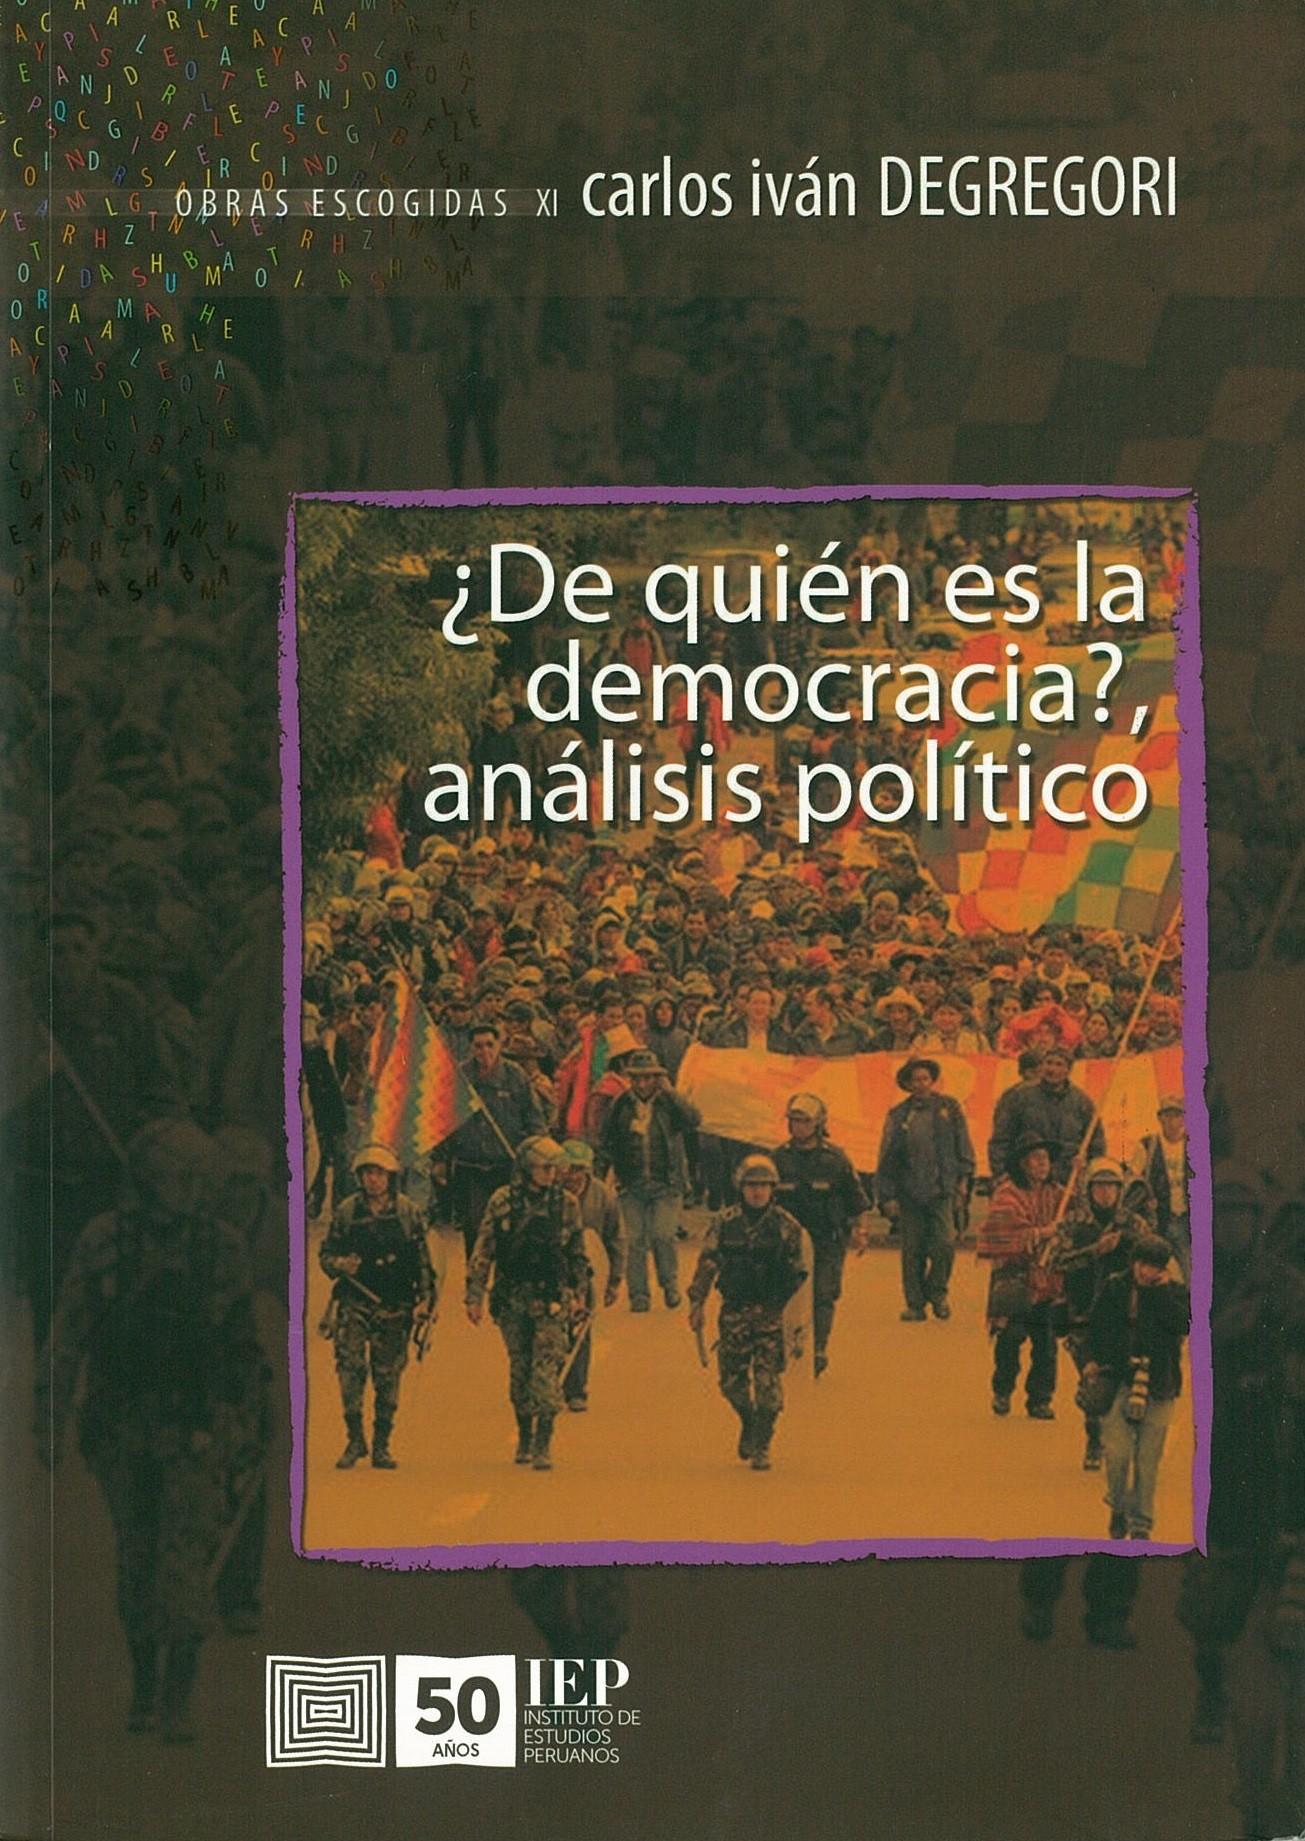 ¿De quién es la democracia?, análisis político. Obras escogidas XI